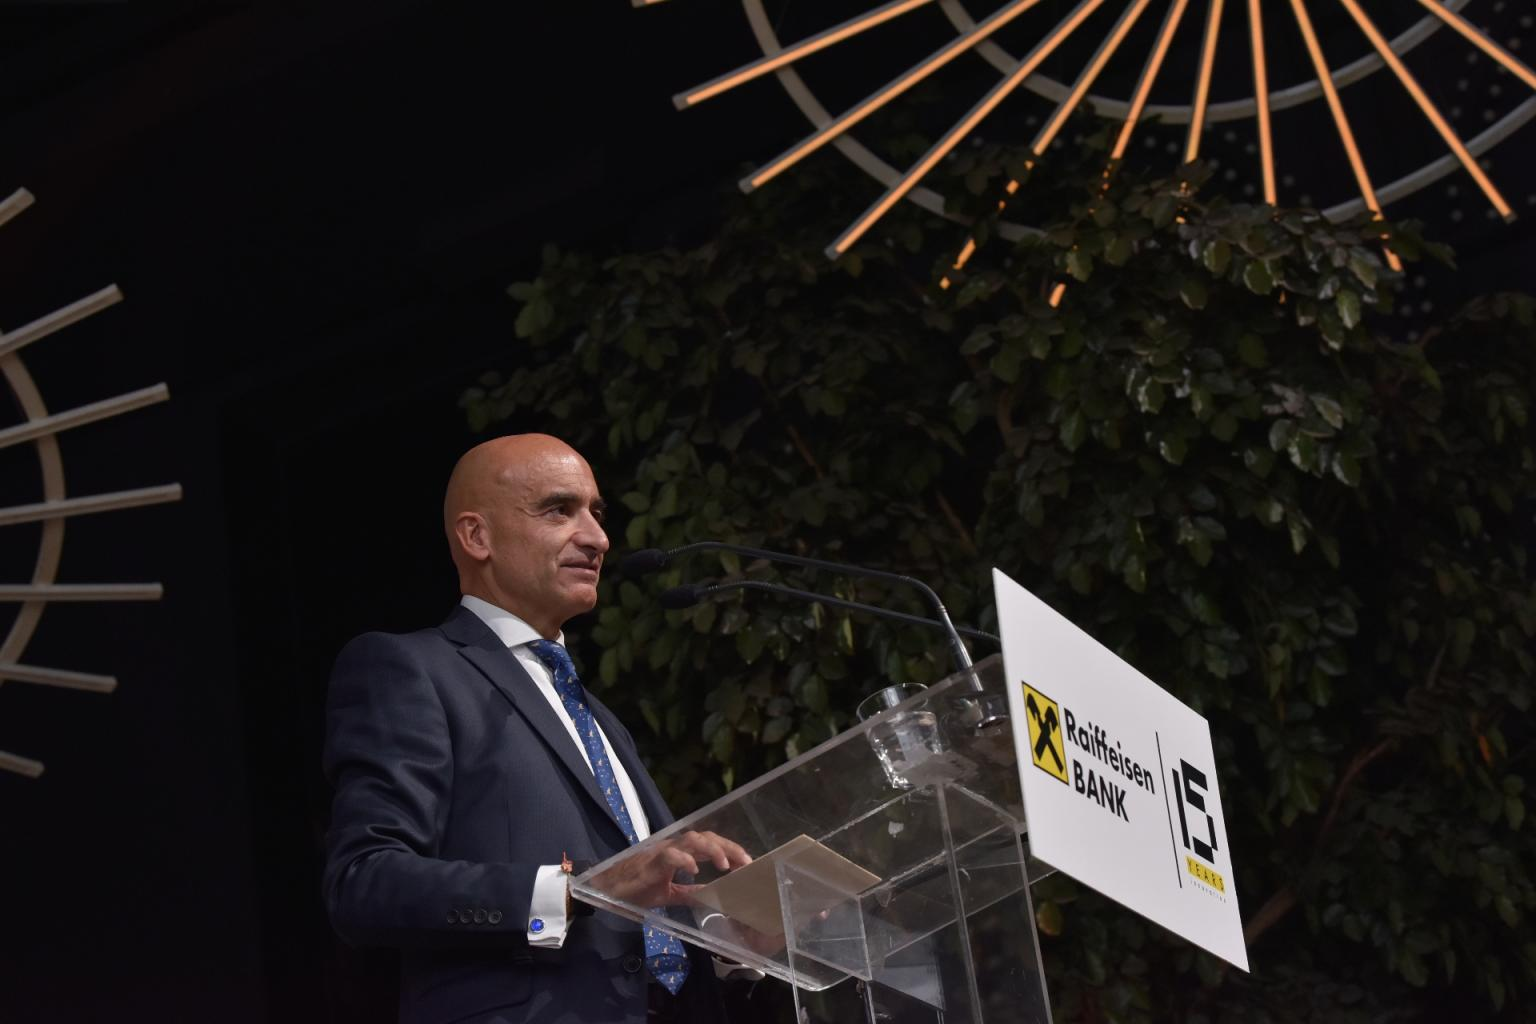 z. Christian Canacaris, Drejtori i Përgjithshëm i Raiffeisen Bank në Shq...